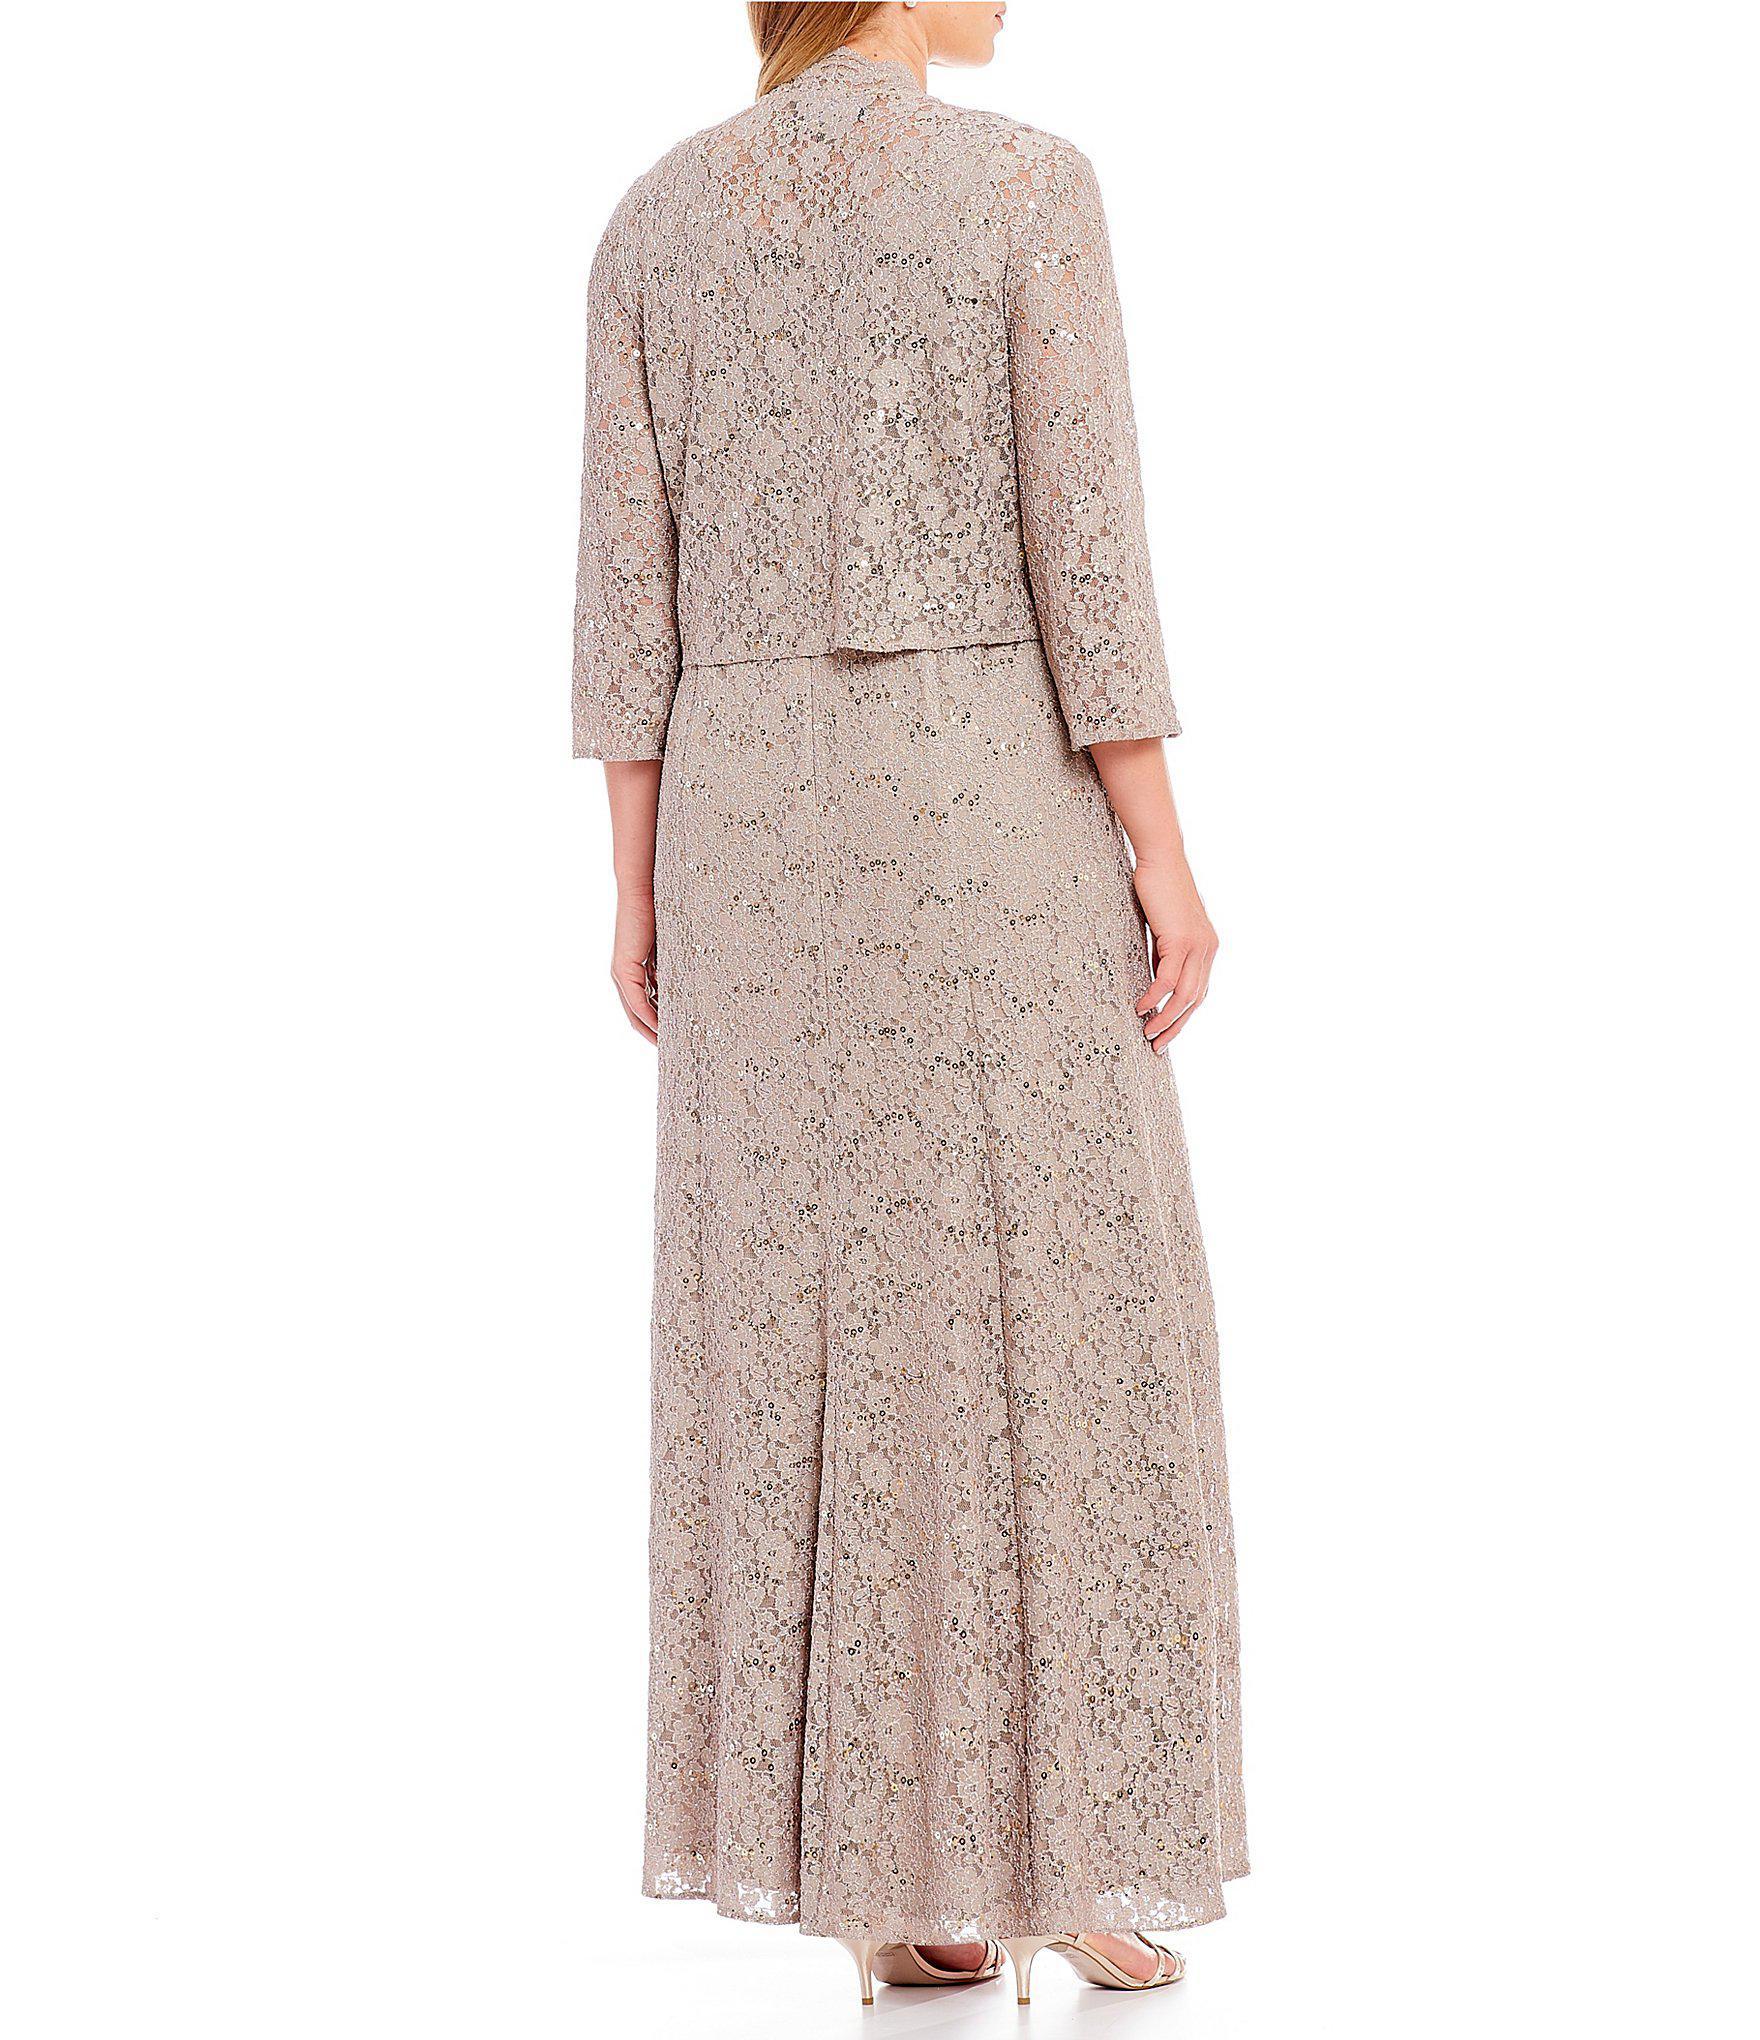 21f98141f51 Lyst - Alex Evenings Plus Size Lace A-line Long Jacket Dress